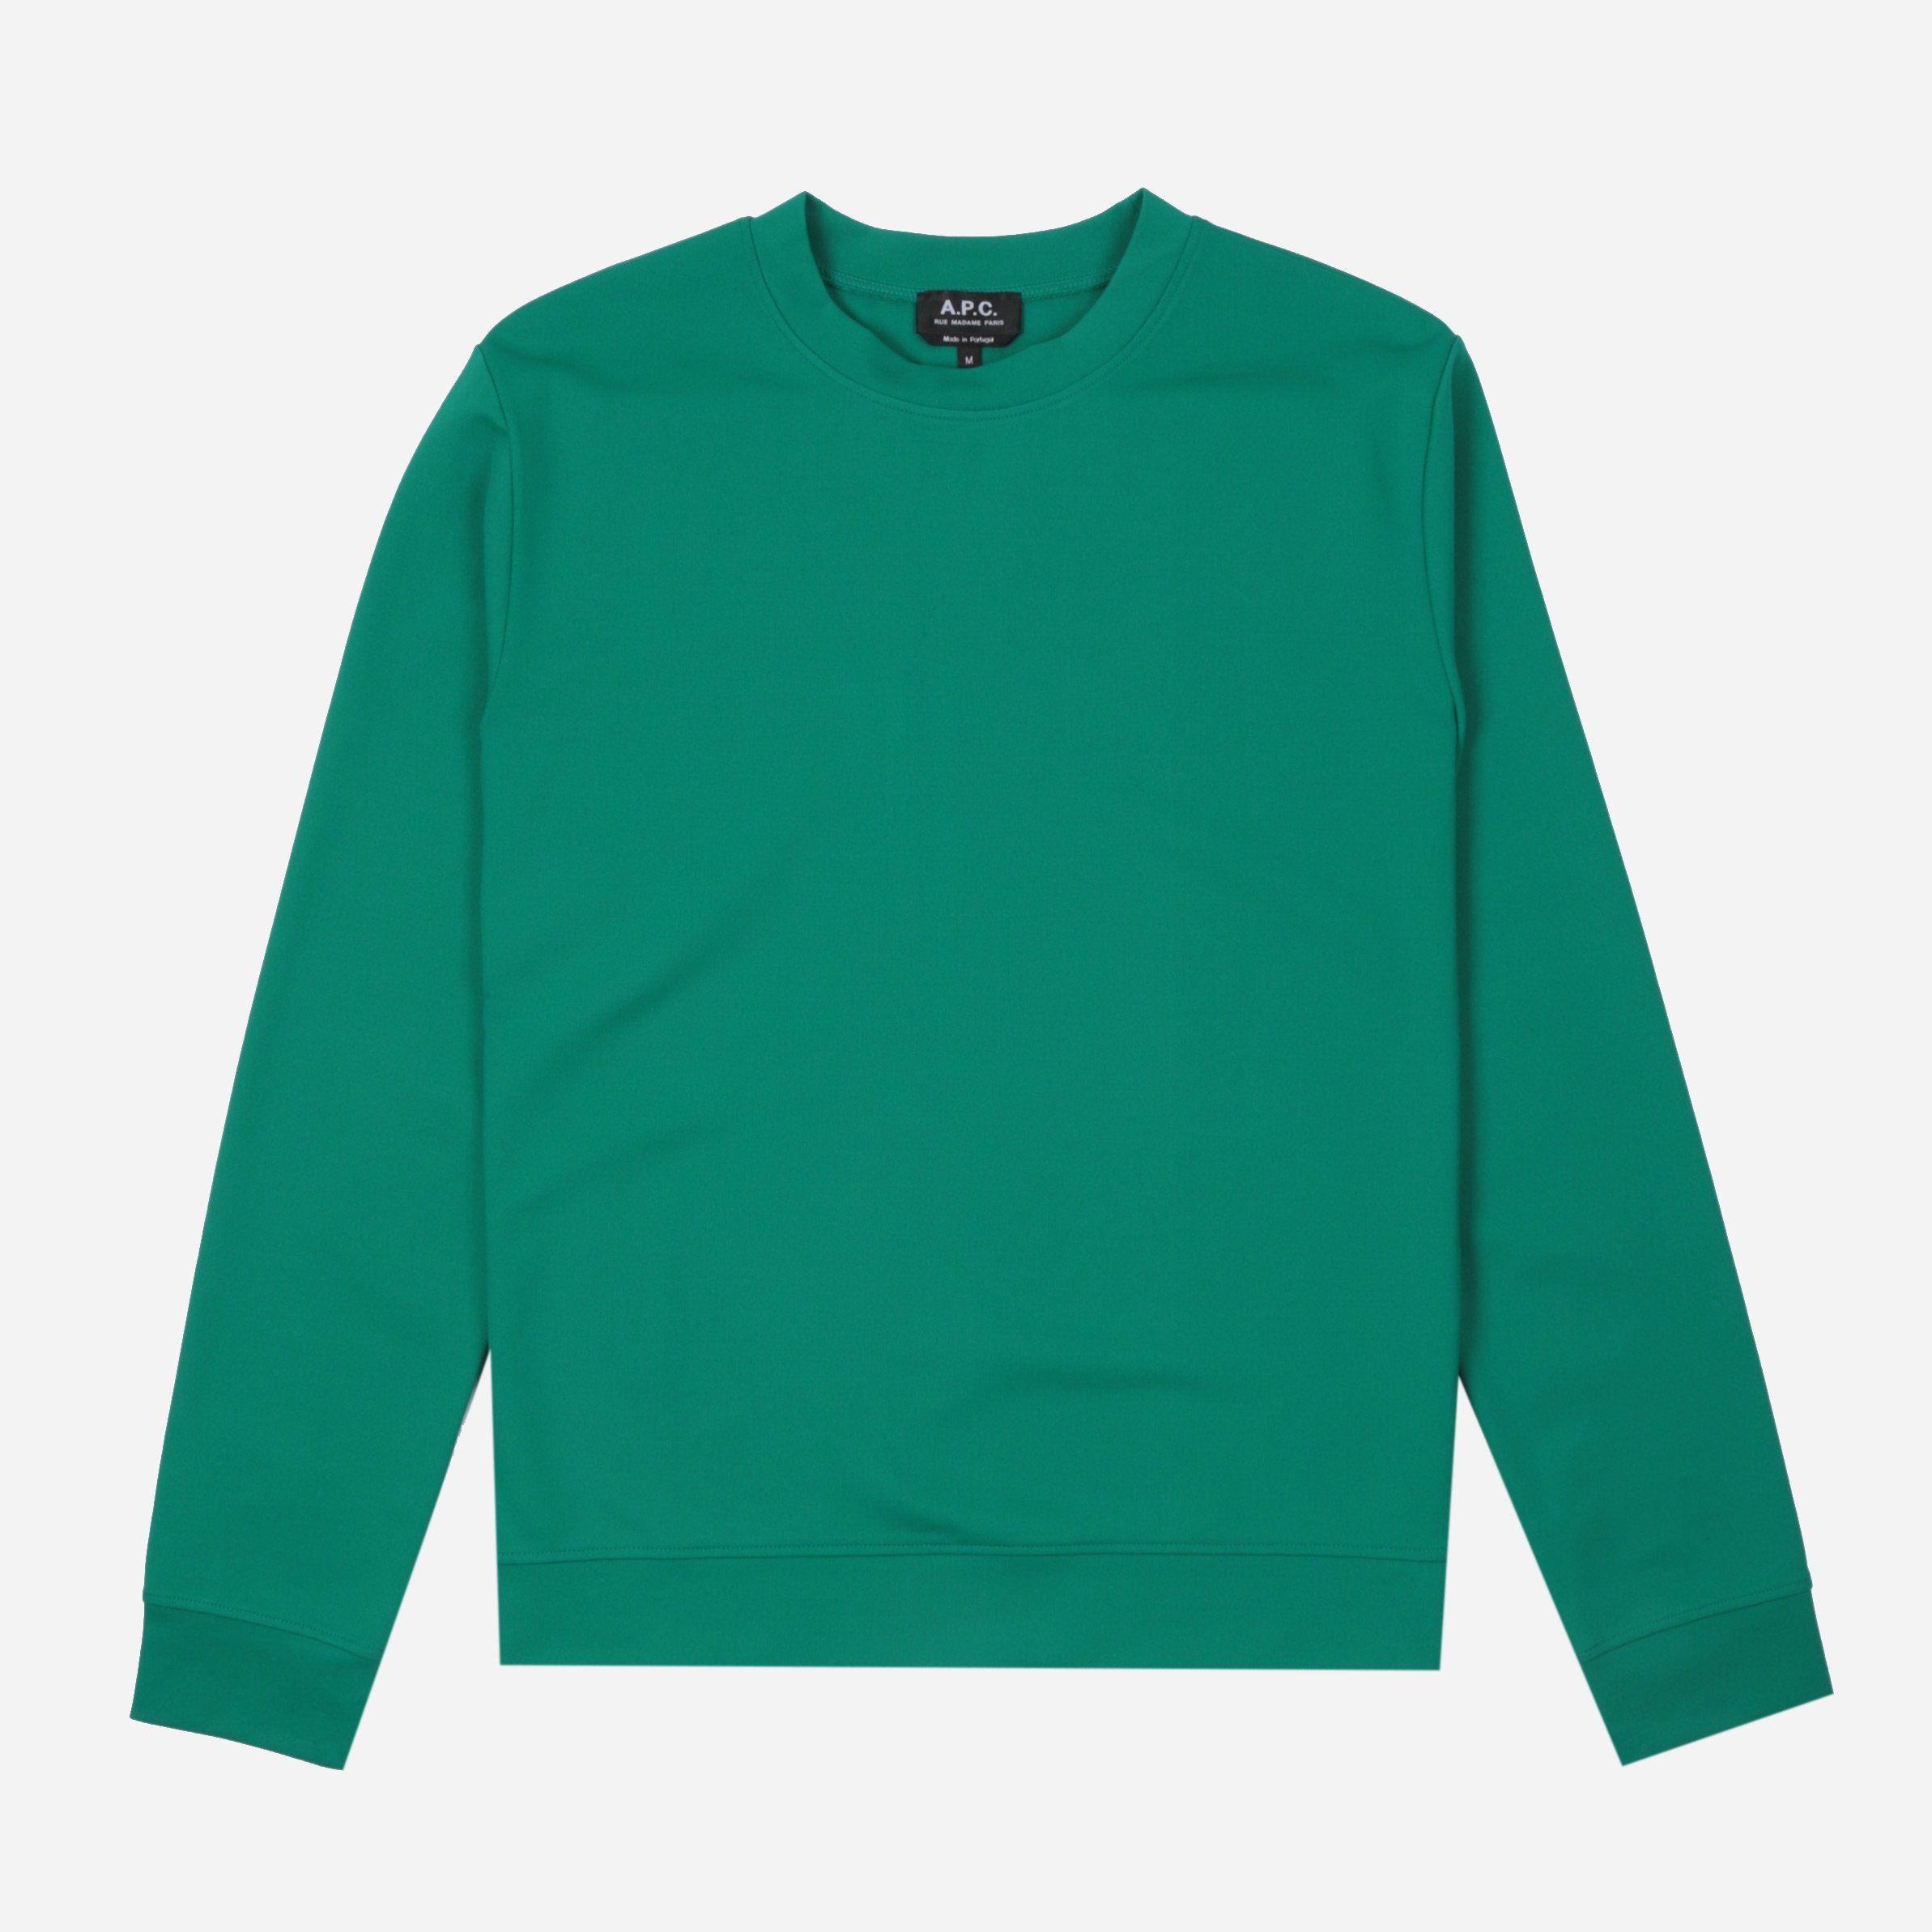 A.P.C. Boxy Sweatshirt